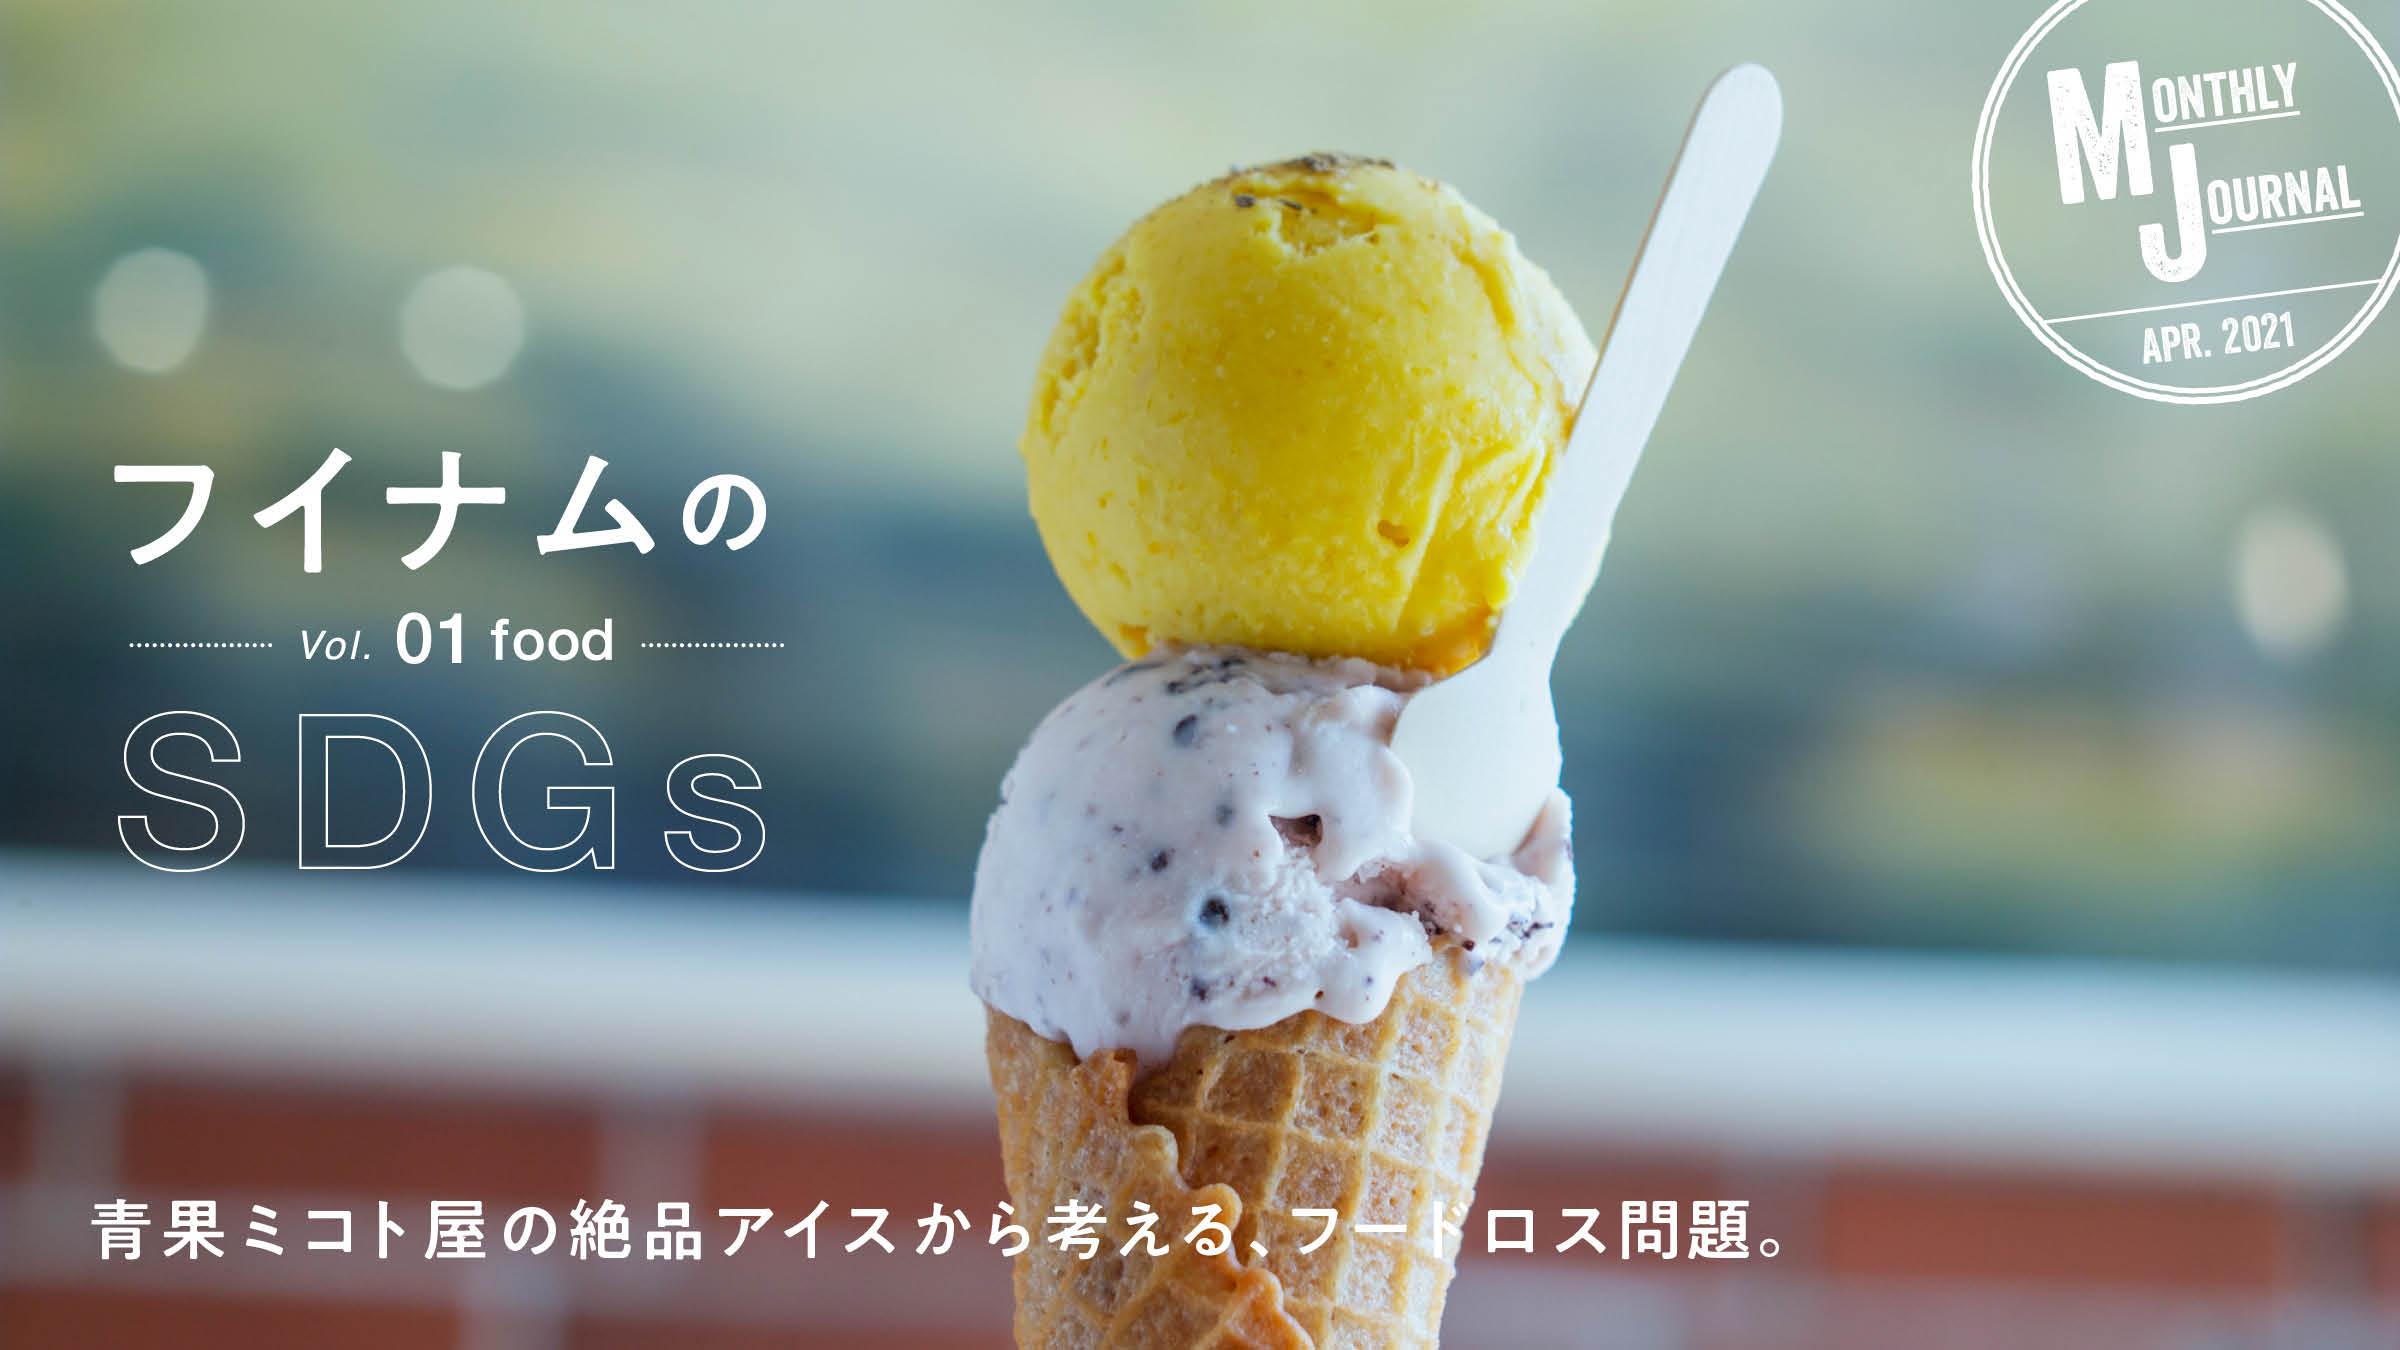 フイナムのSDGs Vol.1 青果ミコト屋の絶品アイスから考える、フードロス問題。